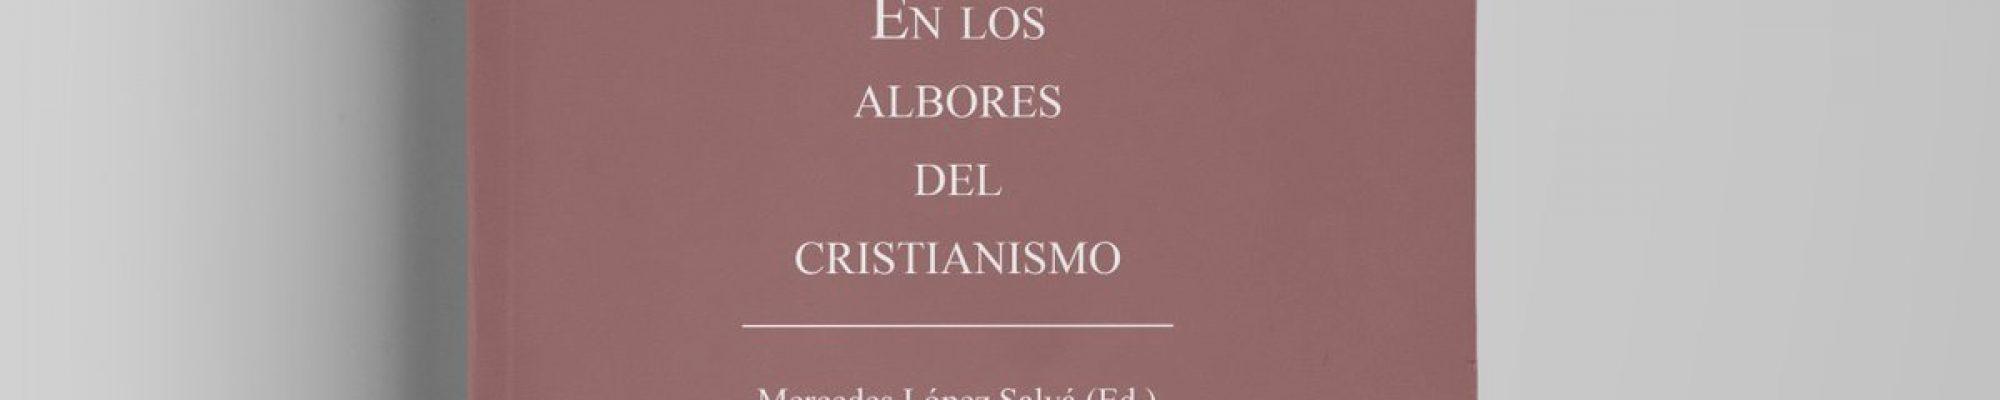 Mercedes-Lopez-Salva-ed.-En-los-albores-del-cristianismo.-Rhemata